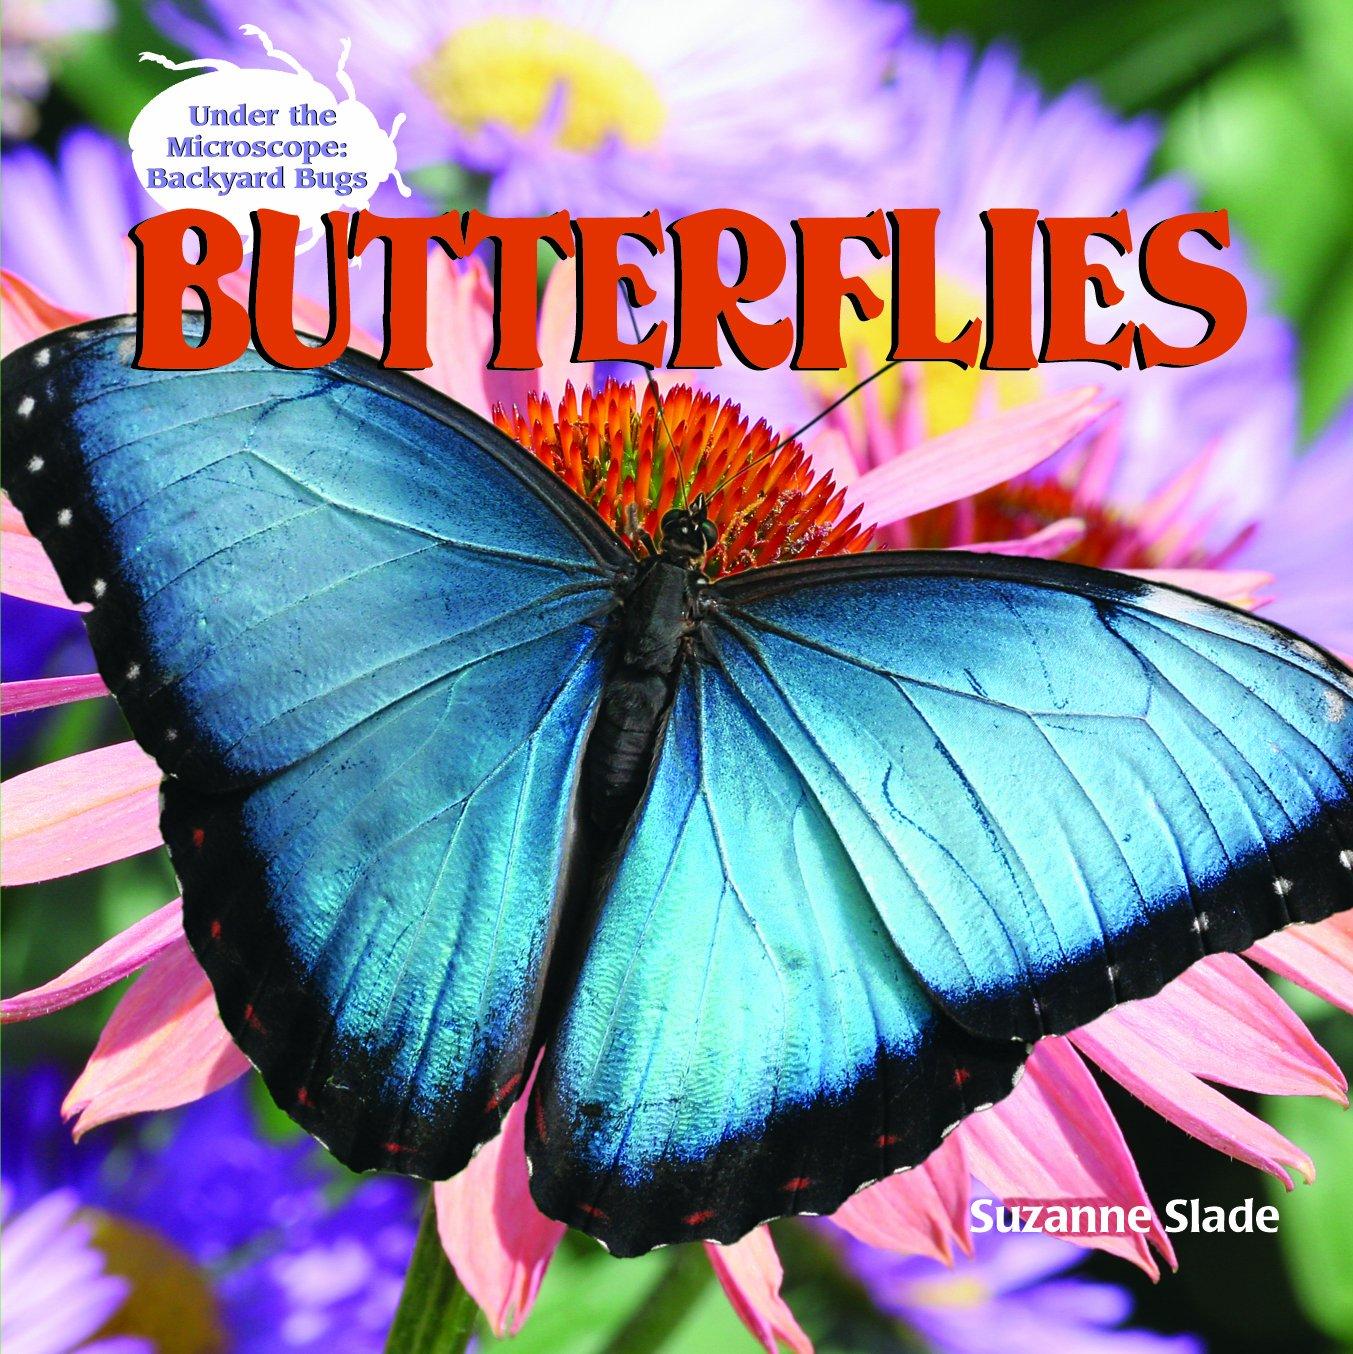 butterflies under the microscope backyard bugs suzanne slade